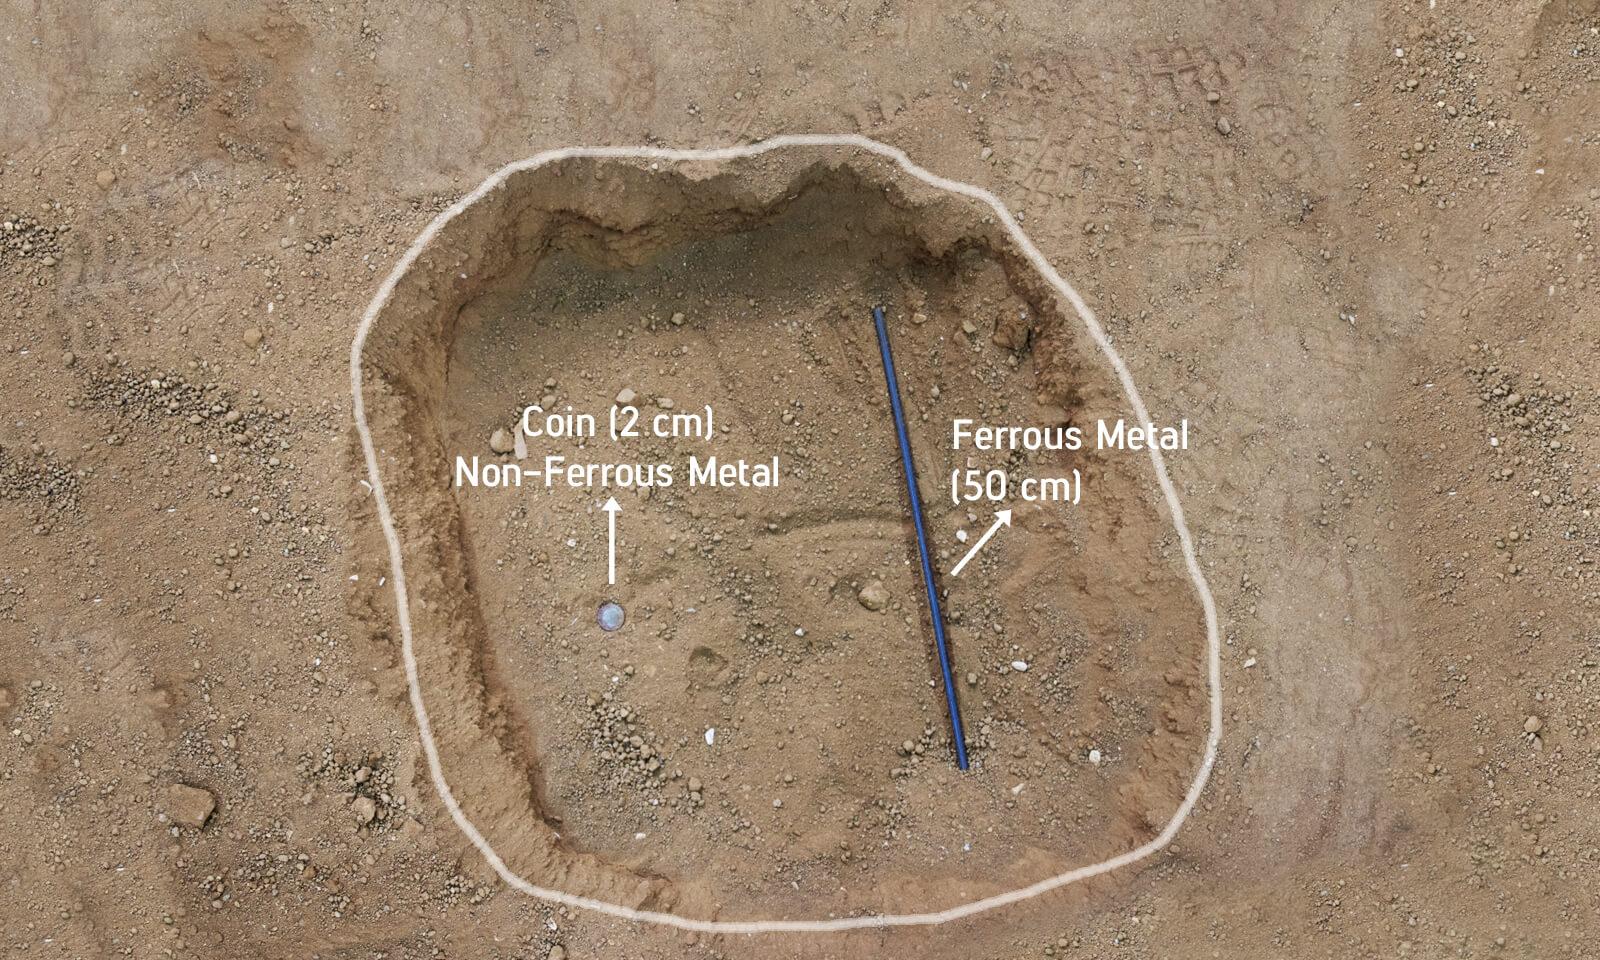 invenio-underground-metals-1.jpg